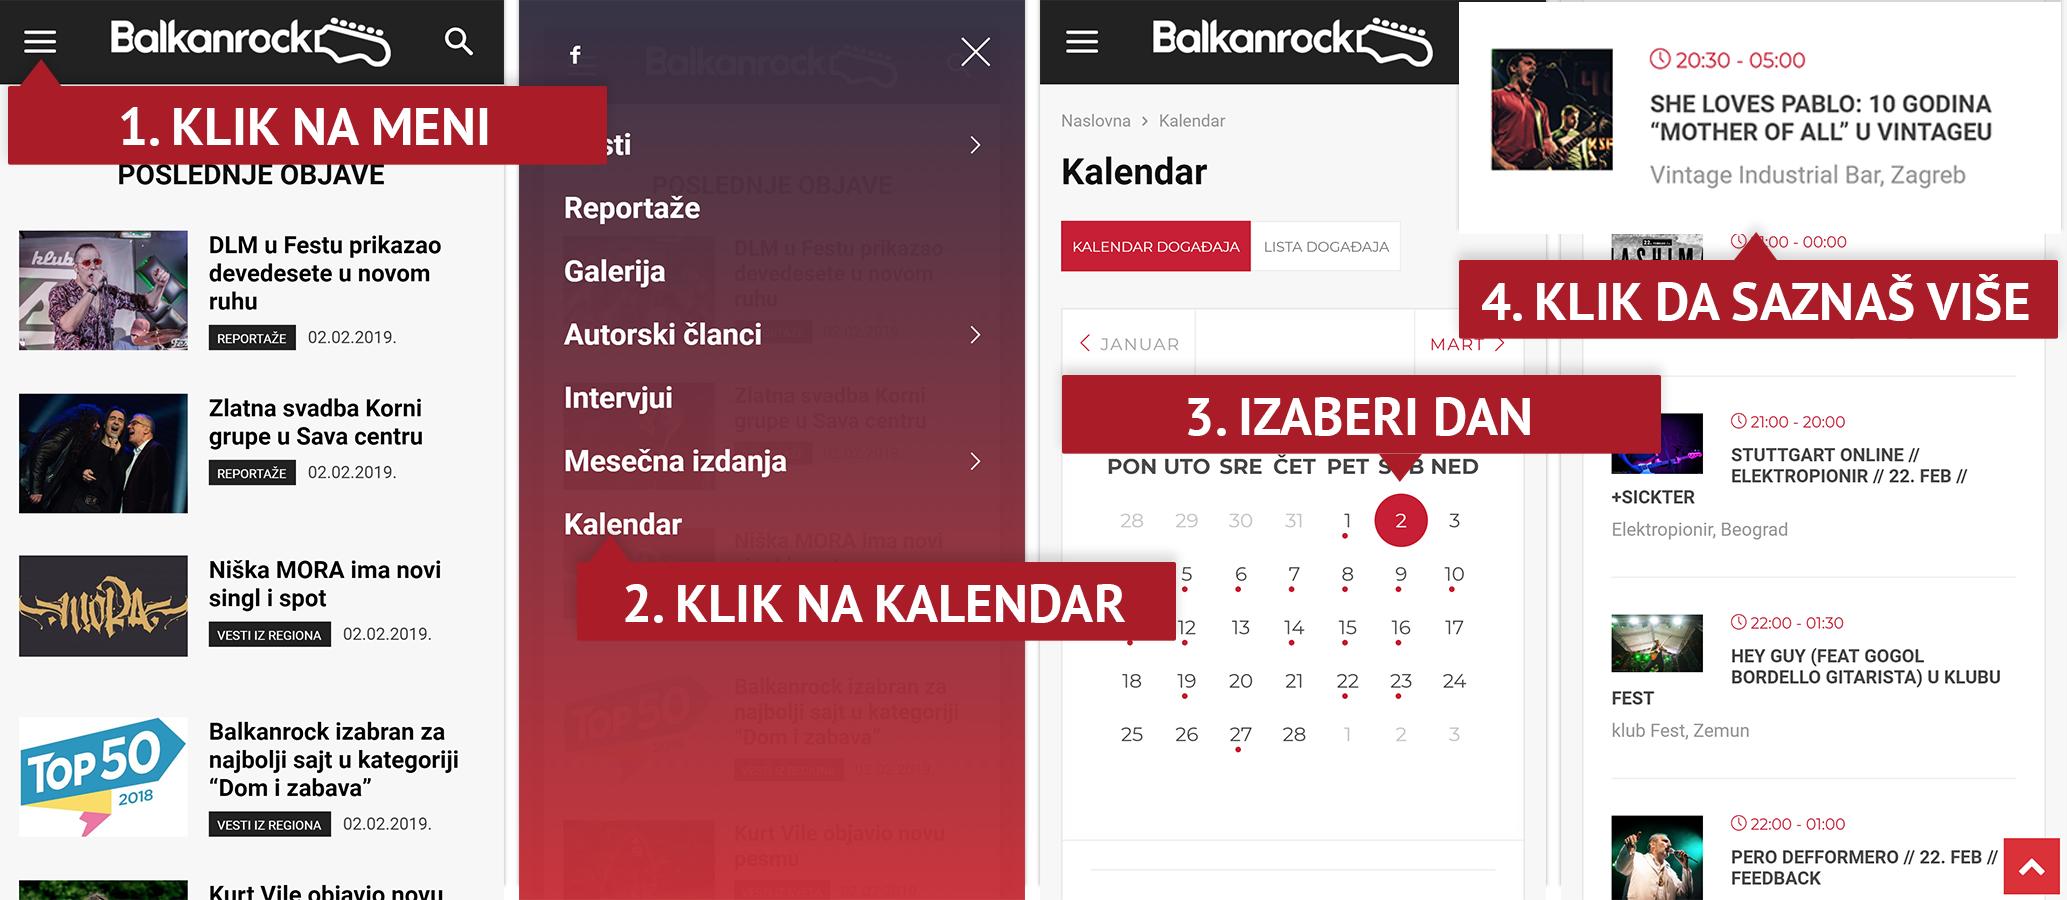 kalendar događaja balkanrock svirke u beogradu zagrebu gde kad i ko koncerti događaji mobile mobilni sajt